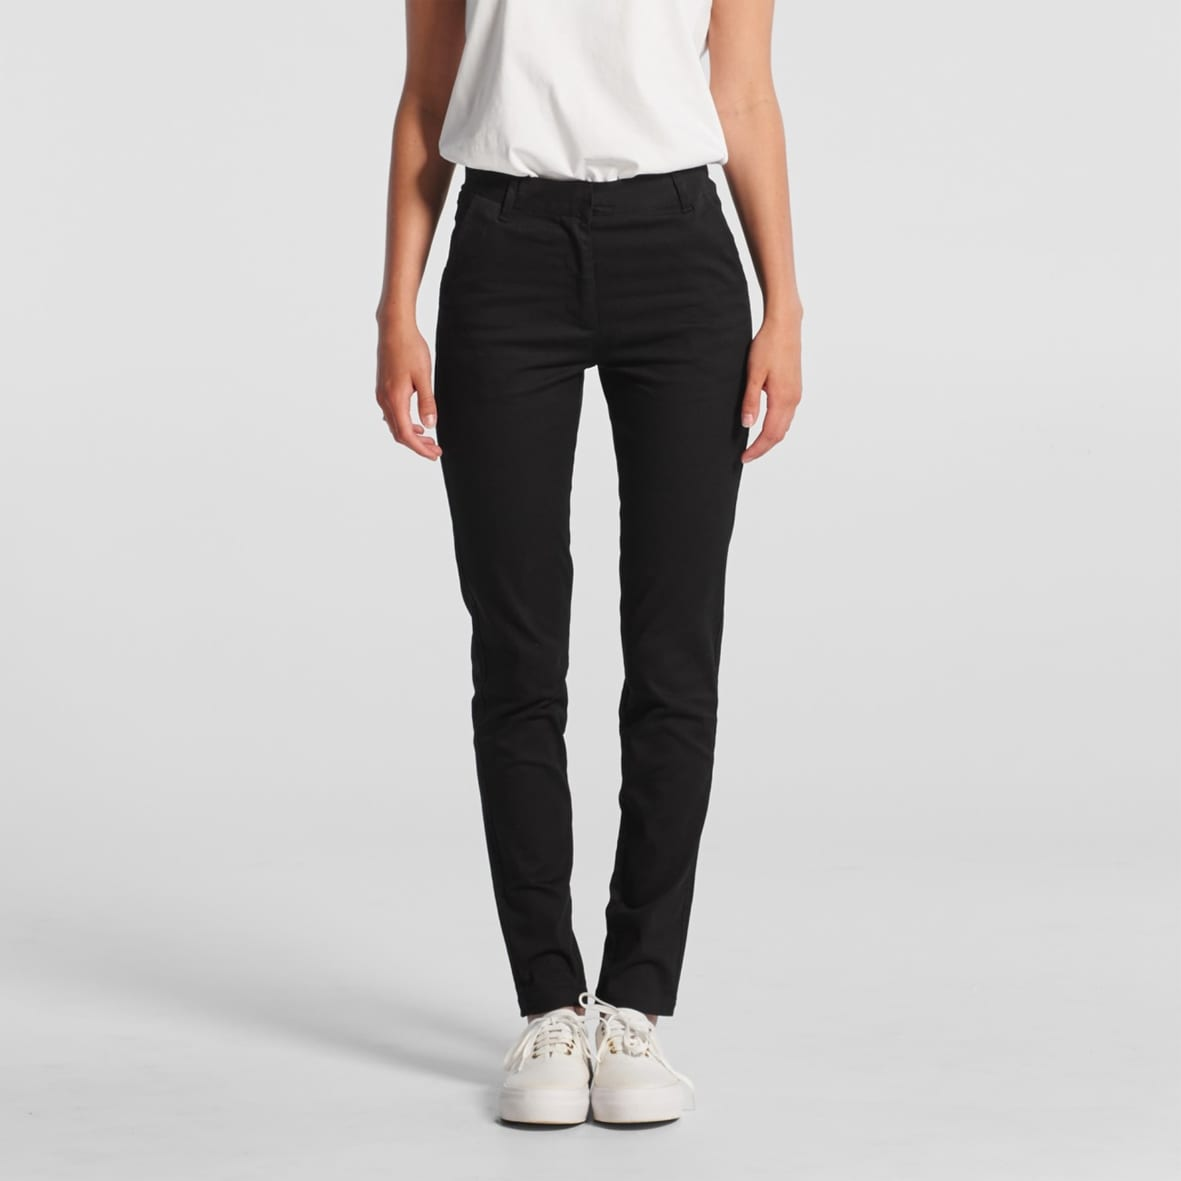 AS 4901 Standard Pants